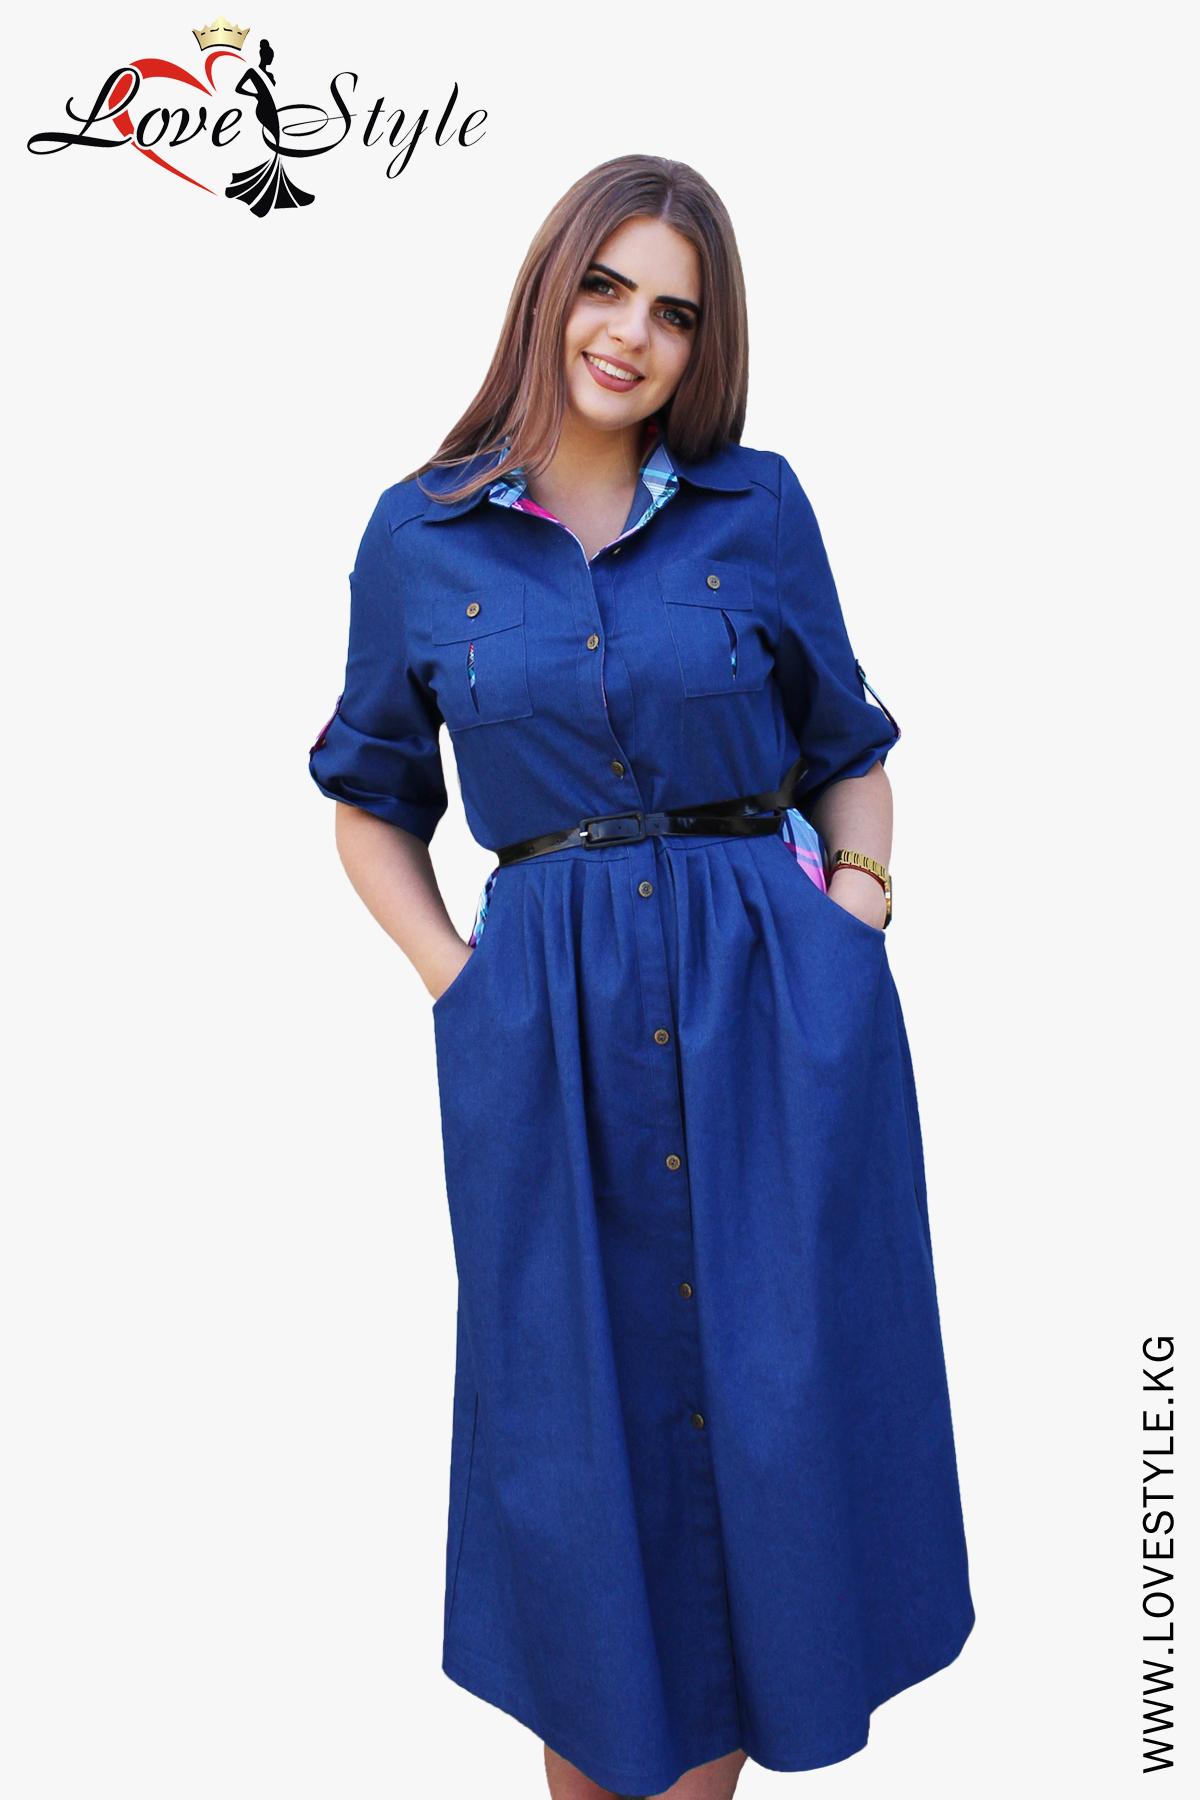 Сбор заказов: Огромный выбор женской одежды 44-58 размера! Блузки, платья,   кофточки, туники. Цены очень низкие!